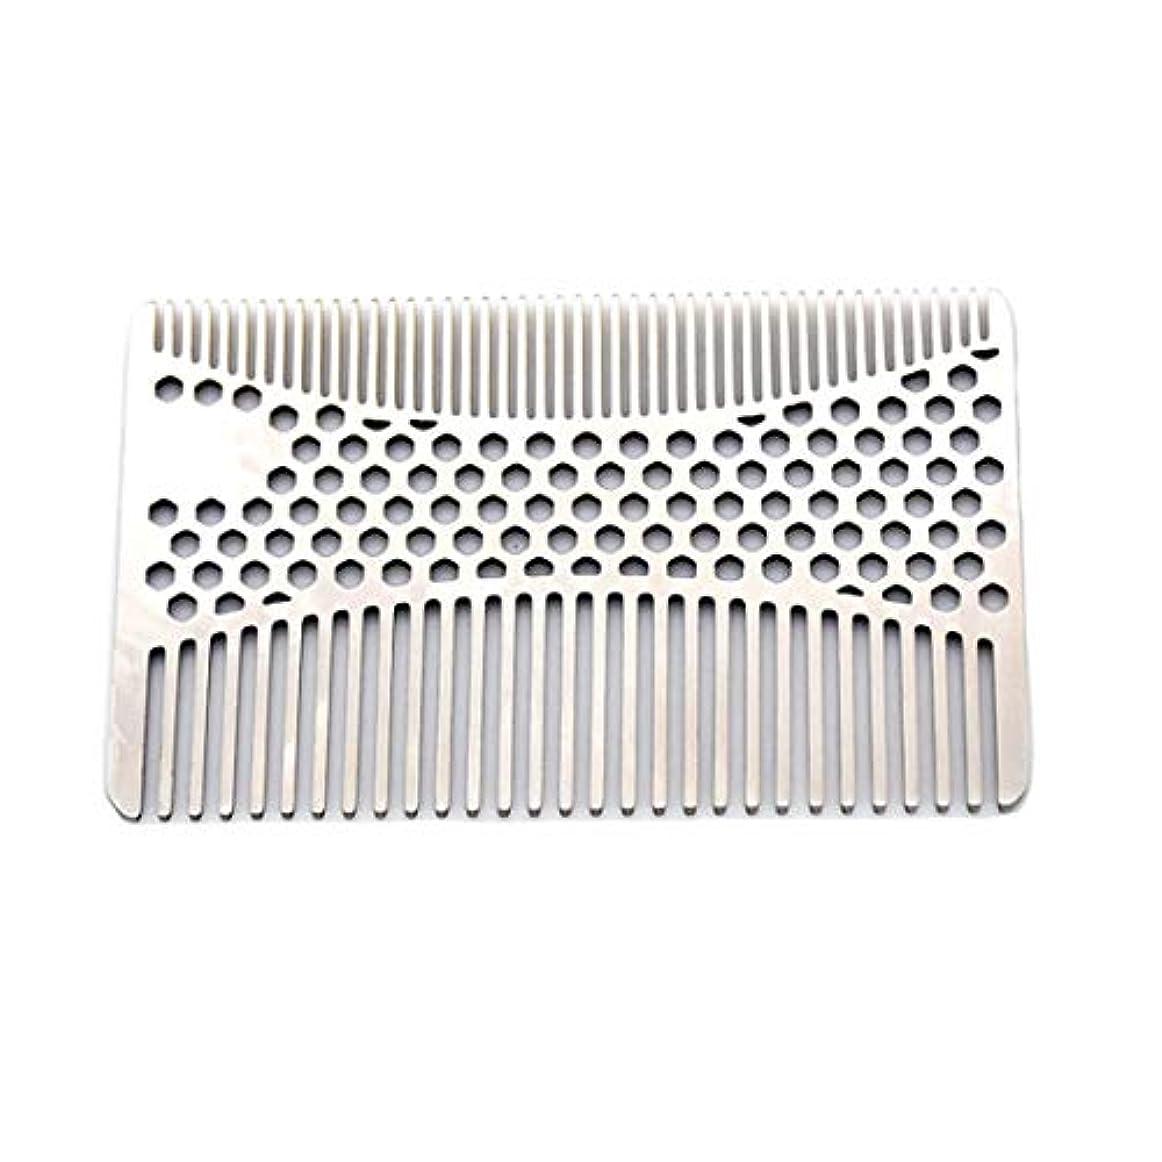 スキャンダルによると引っ張るなめらかな、耐久性のあるステンレススチールの髪と髭の櫛 - 2個財布櫛 モデリングツール (色 : Silver)